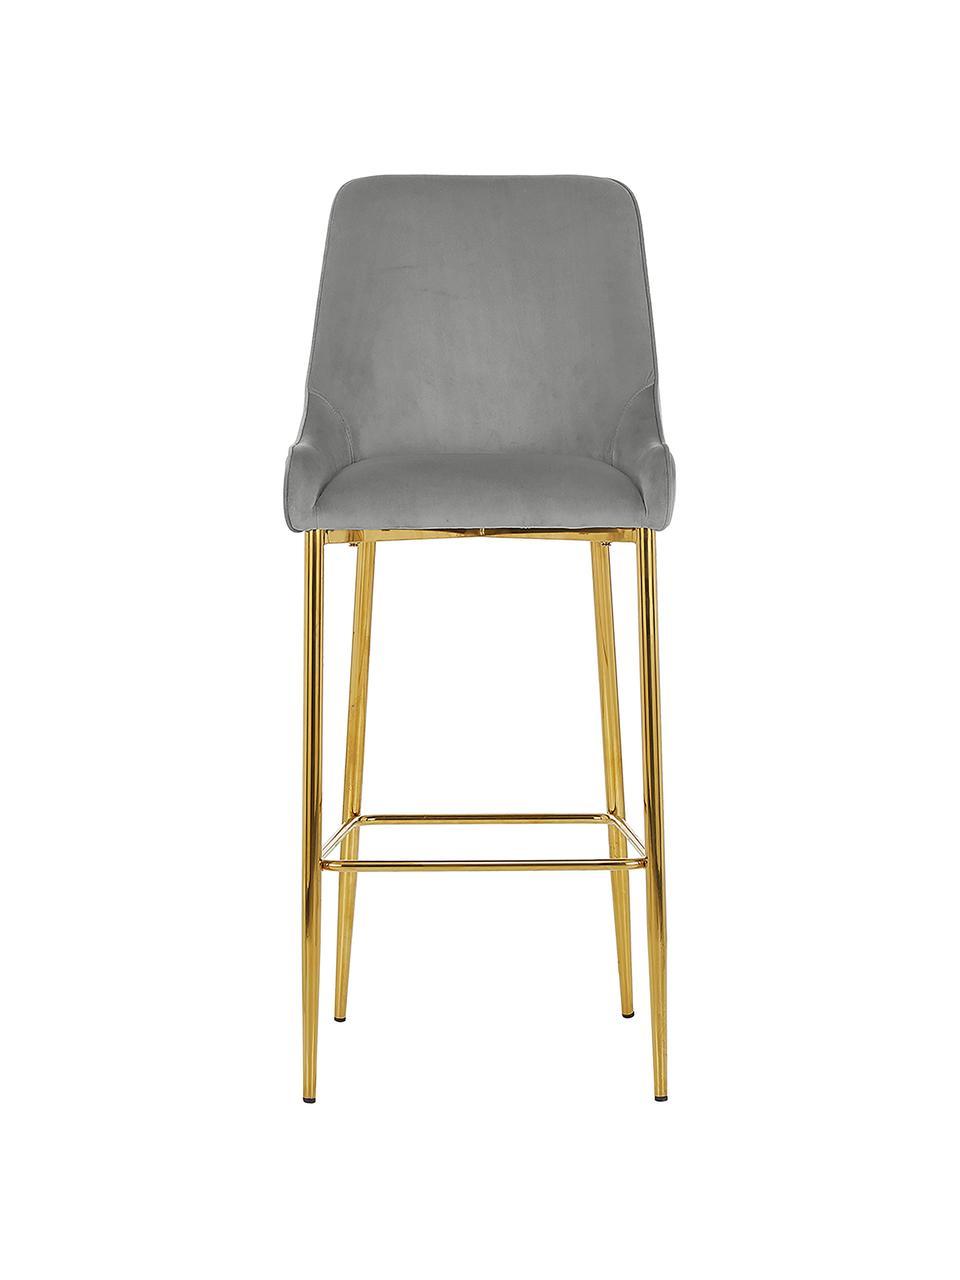 Fluwelen barstoel Ava met goudkleurige poten, Bekleding: fluweel (100% polyester), Fluweel grijs, 48 x 107 cm